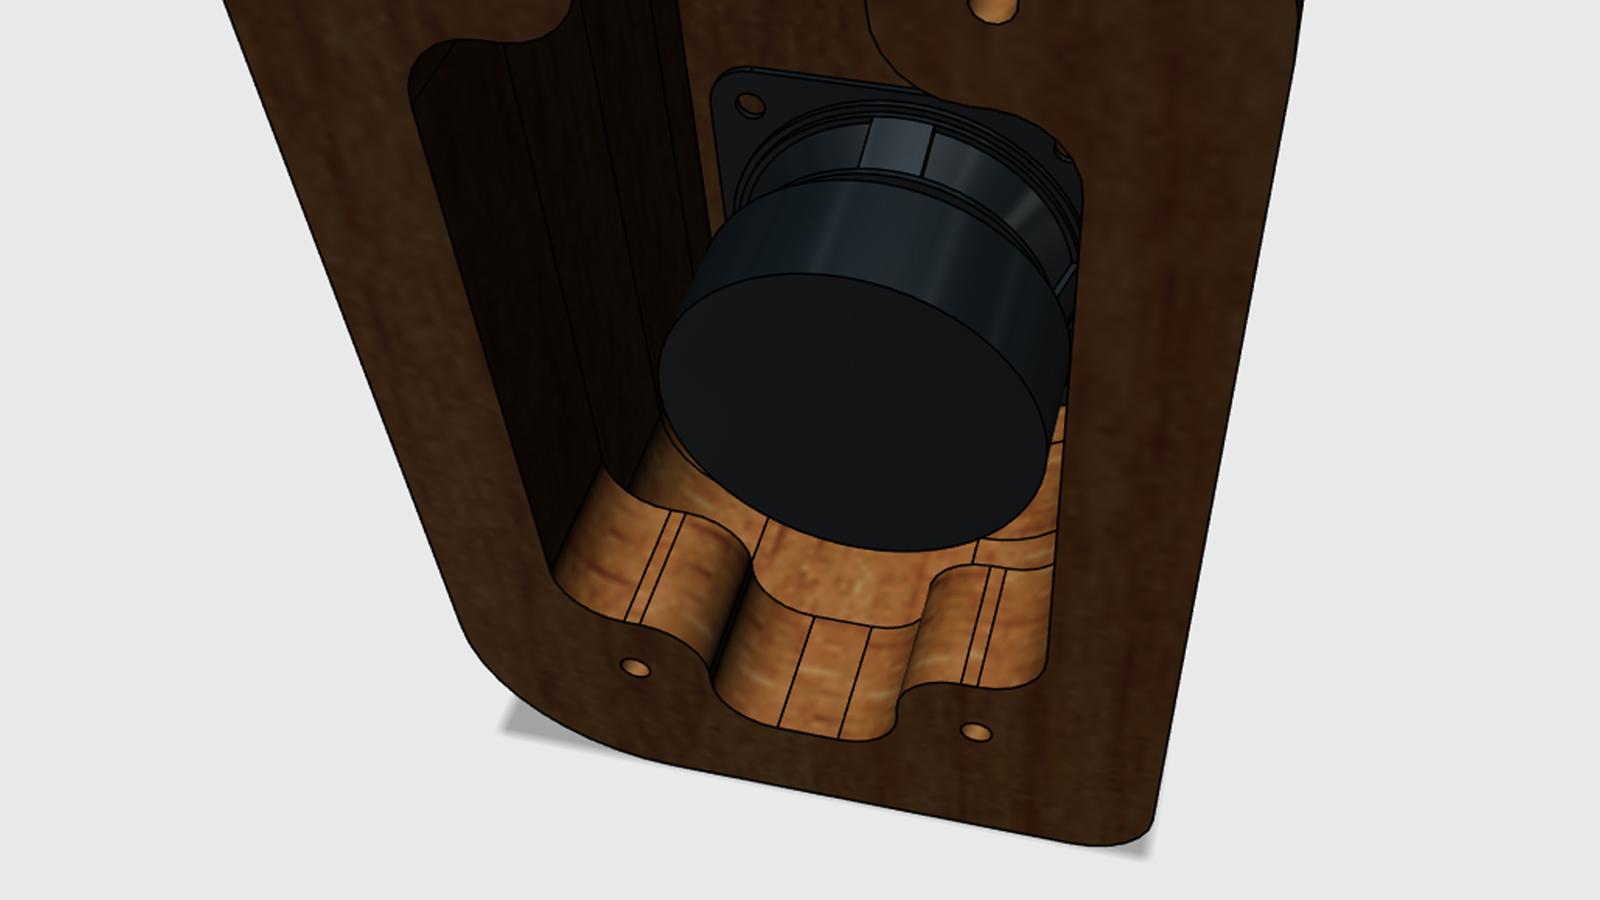 Reproduktory z akátového dřeva - detail